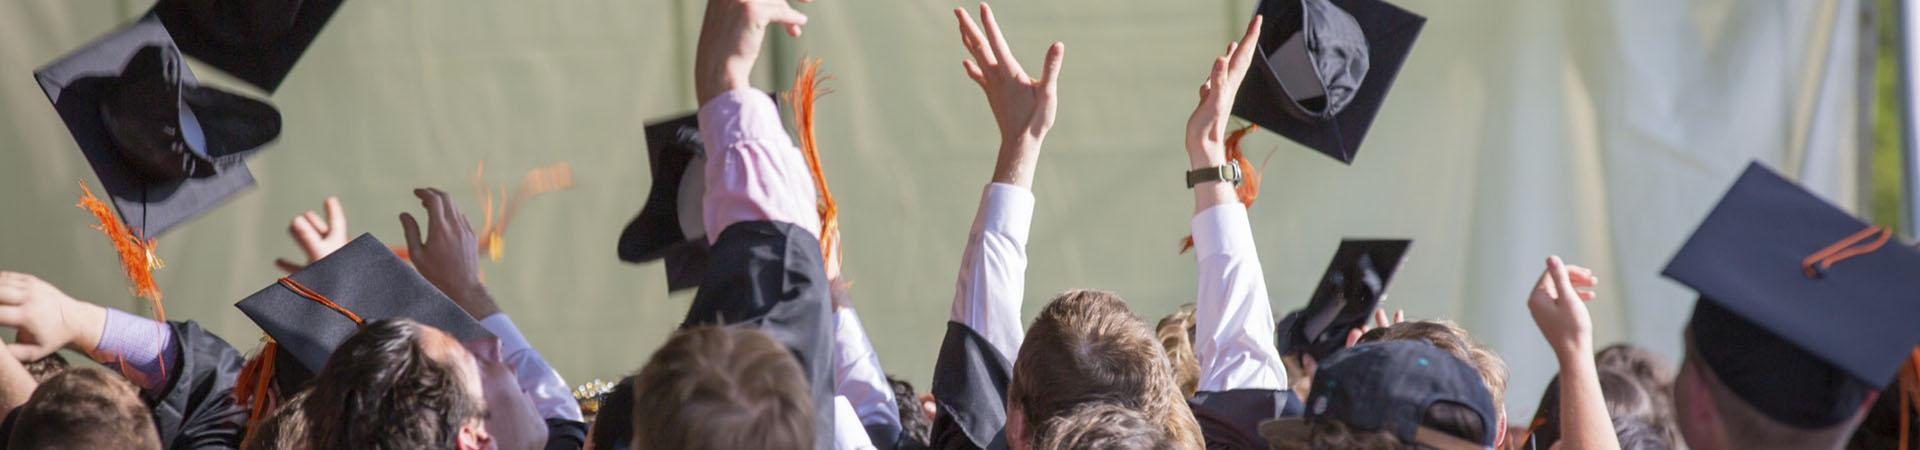 Milyen diplomákkal lehet a legjobban keresni 2021-ben?